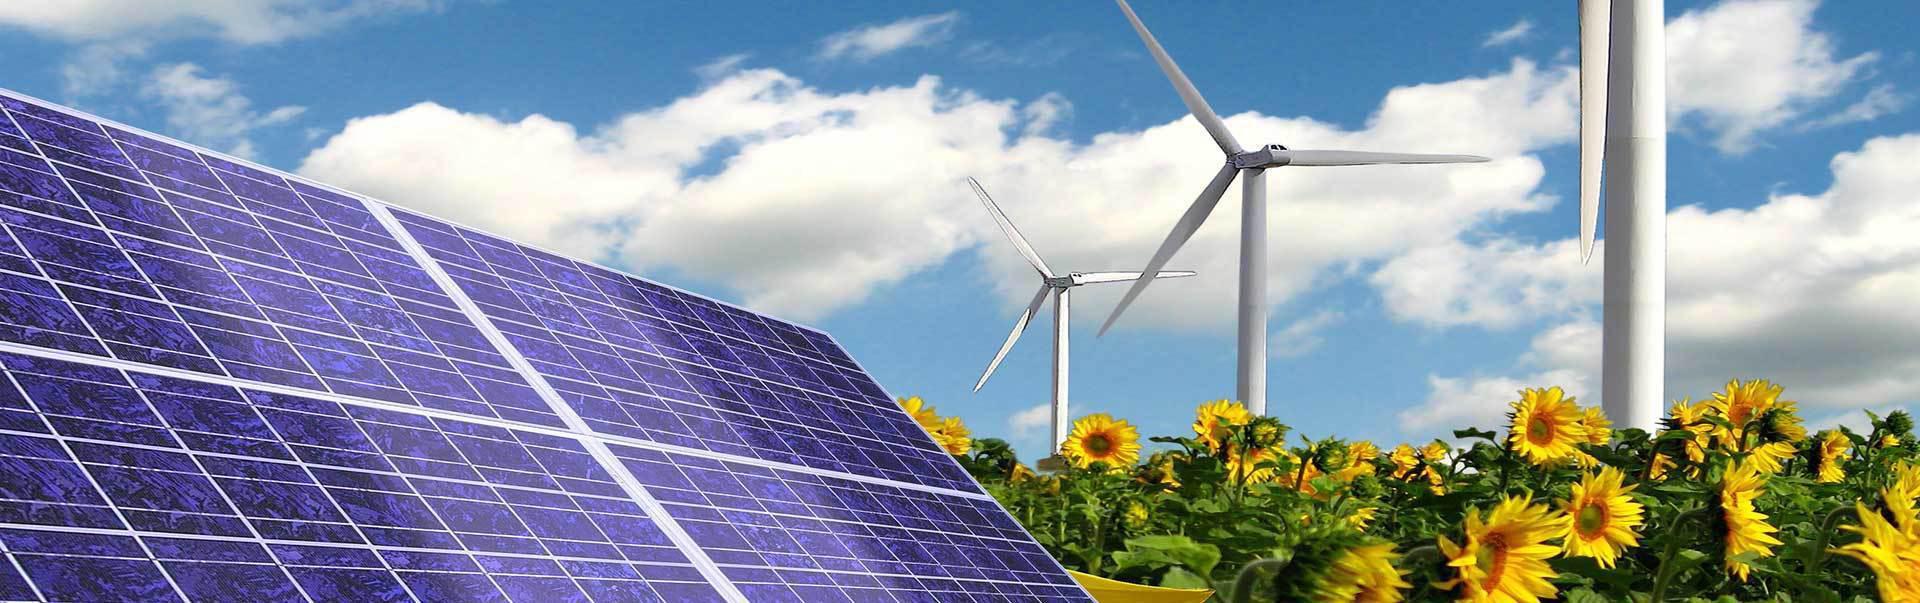 Entreprise d'énergies renouvelables à Saintes